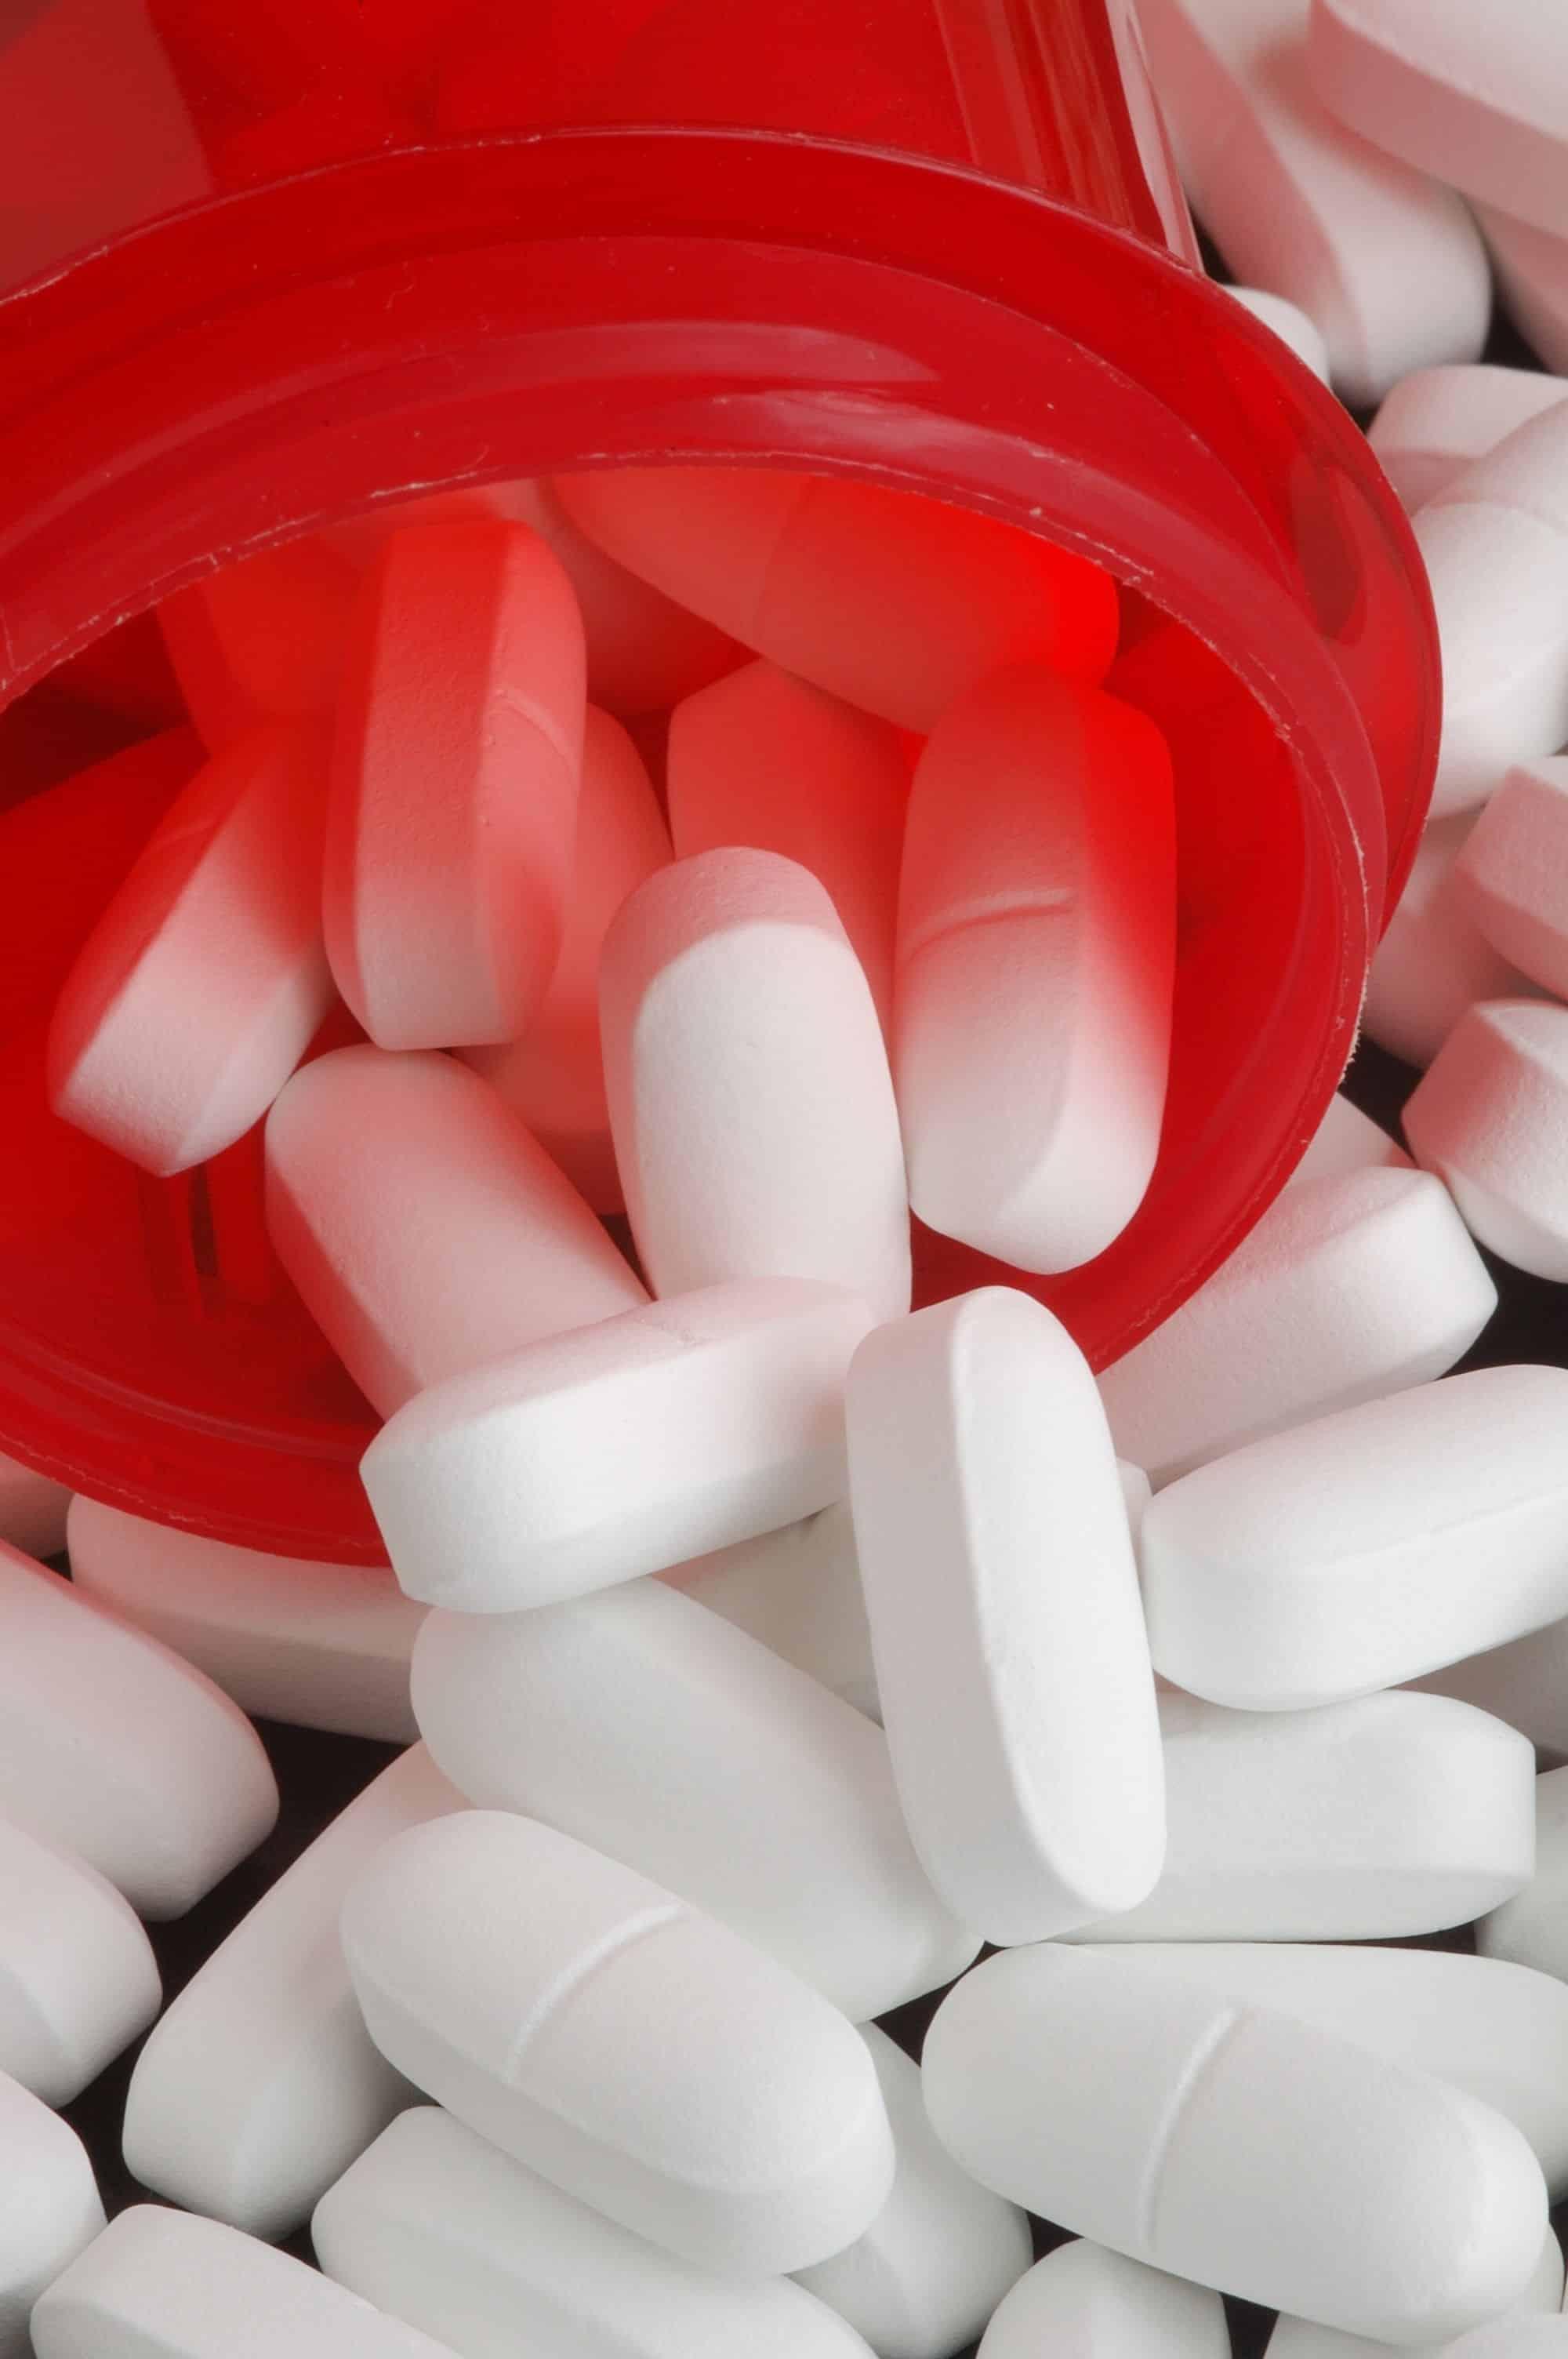 prescription errors